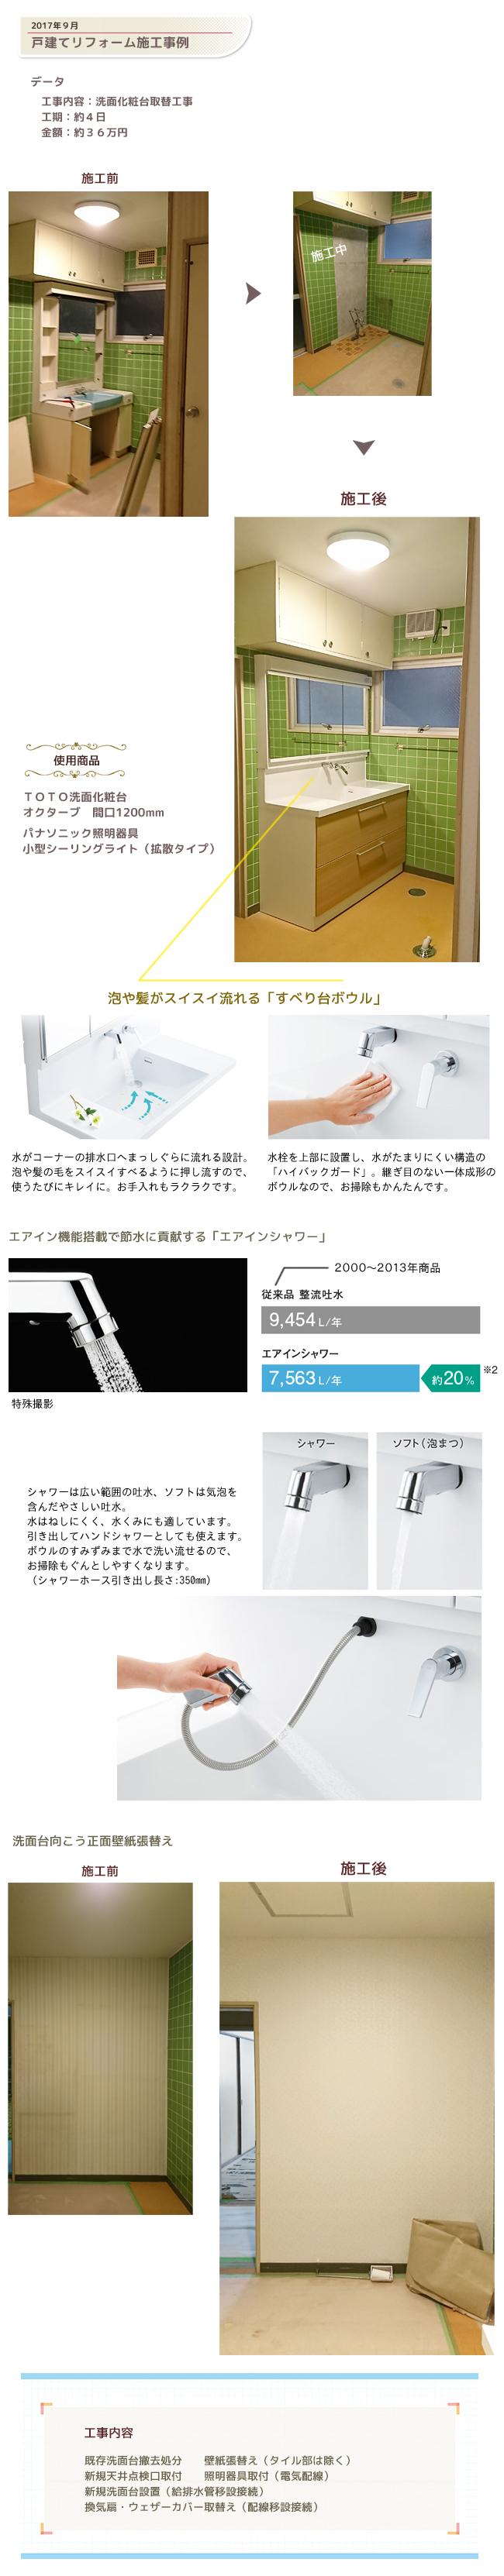 washroom002.jpg